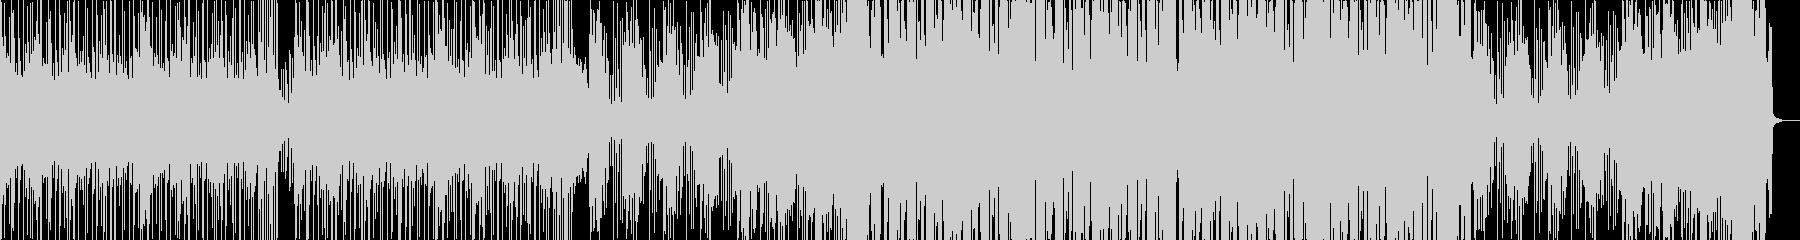 暗めなドラムンベースの未再生の波形